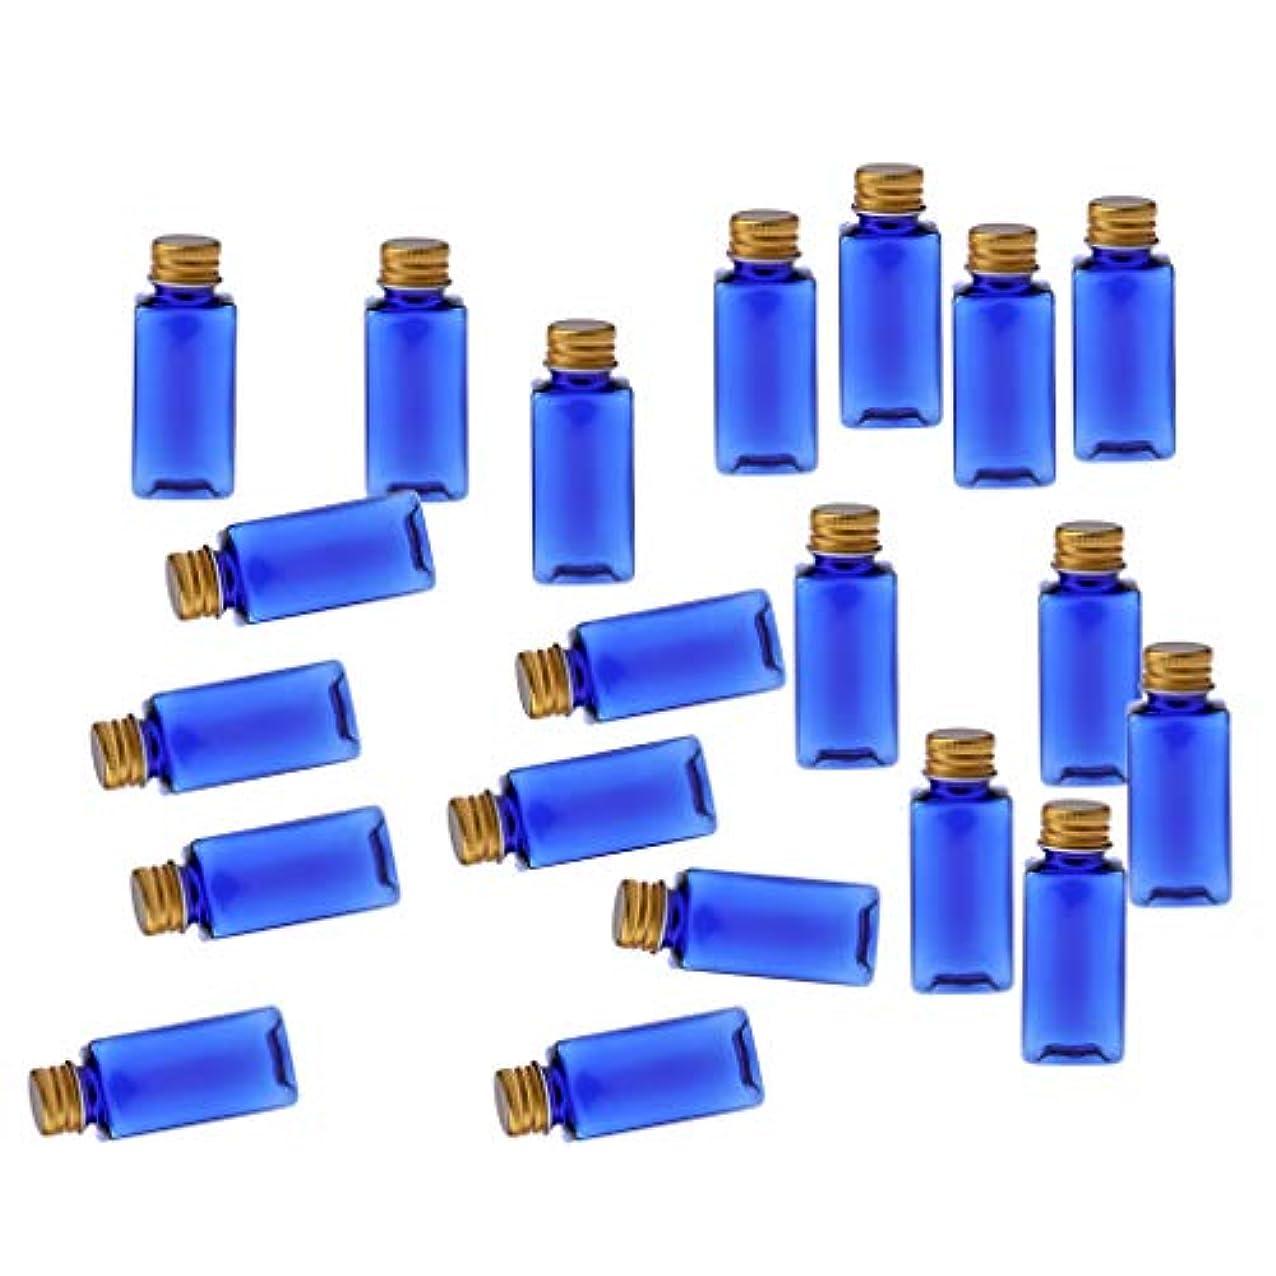 余韻ファンネルウェブスパイダー層化粧ボトル 香水ボトル 液体化粧品 エッセンシャルオイル 香水 ボディオイル 20個入り - ブルーゴールド